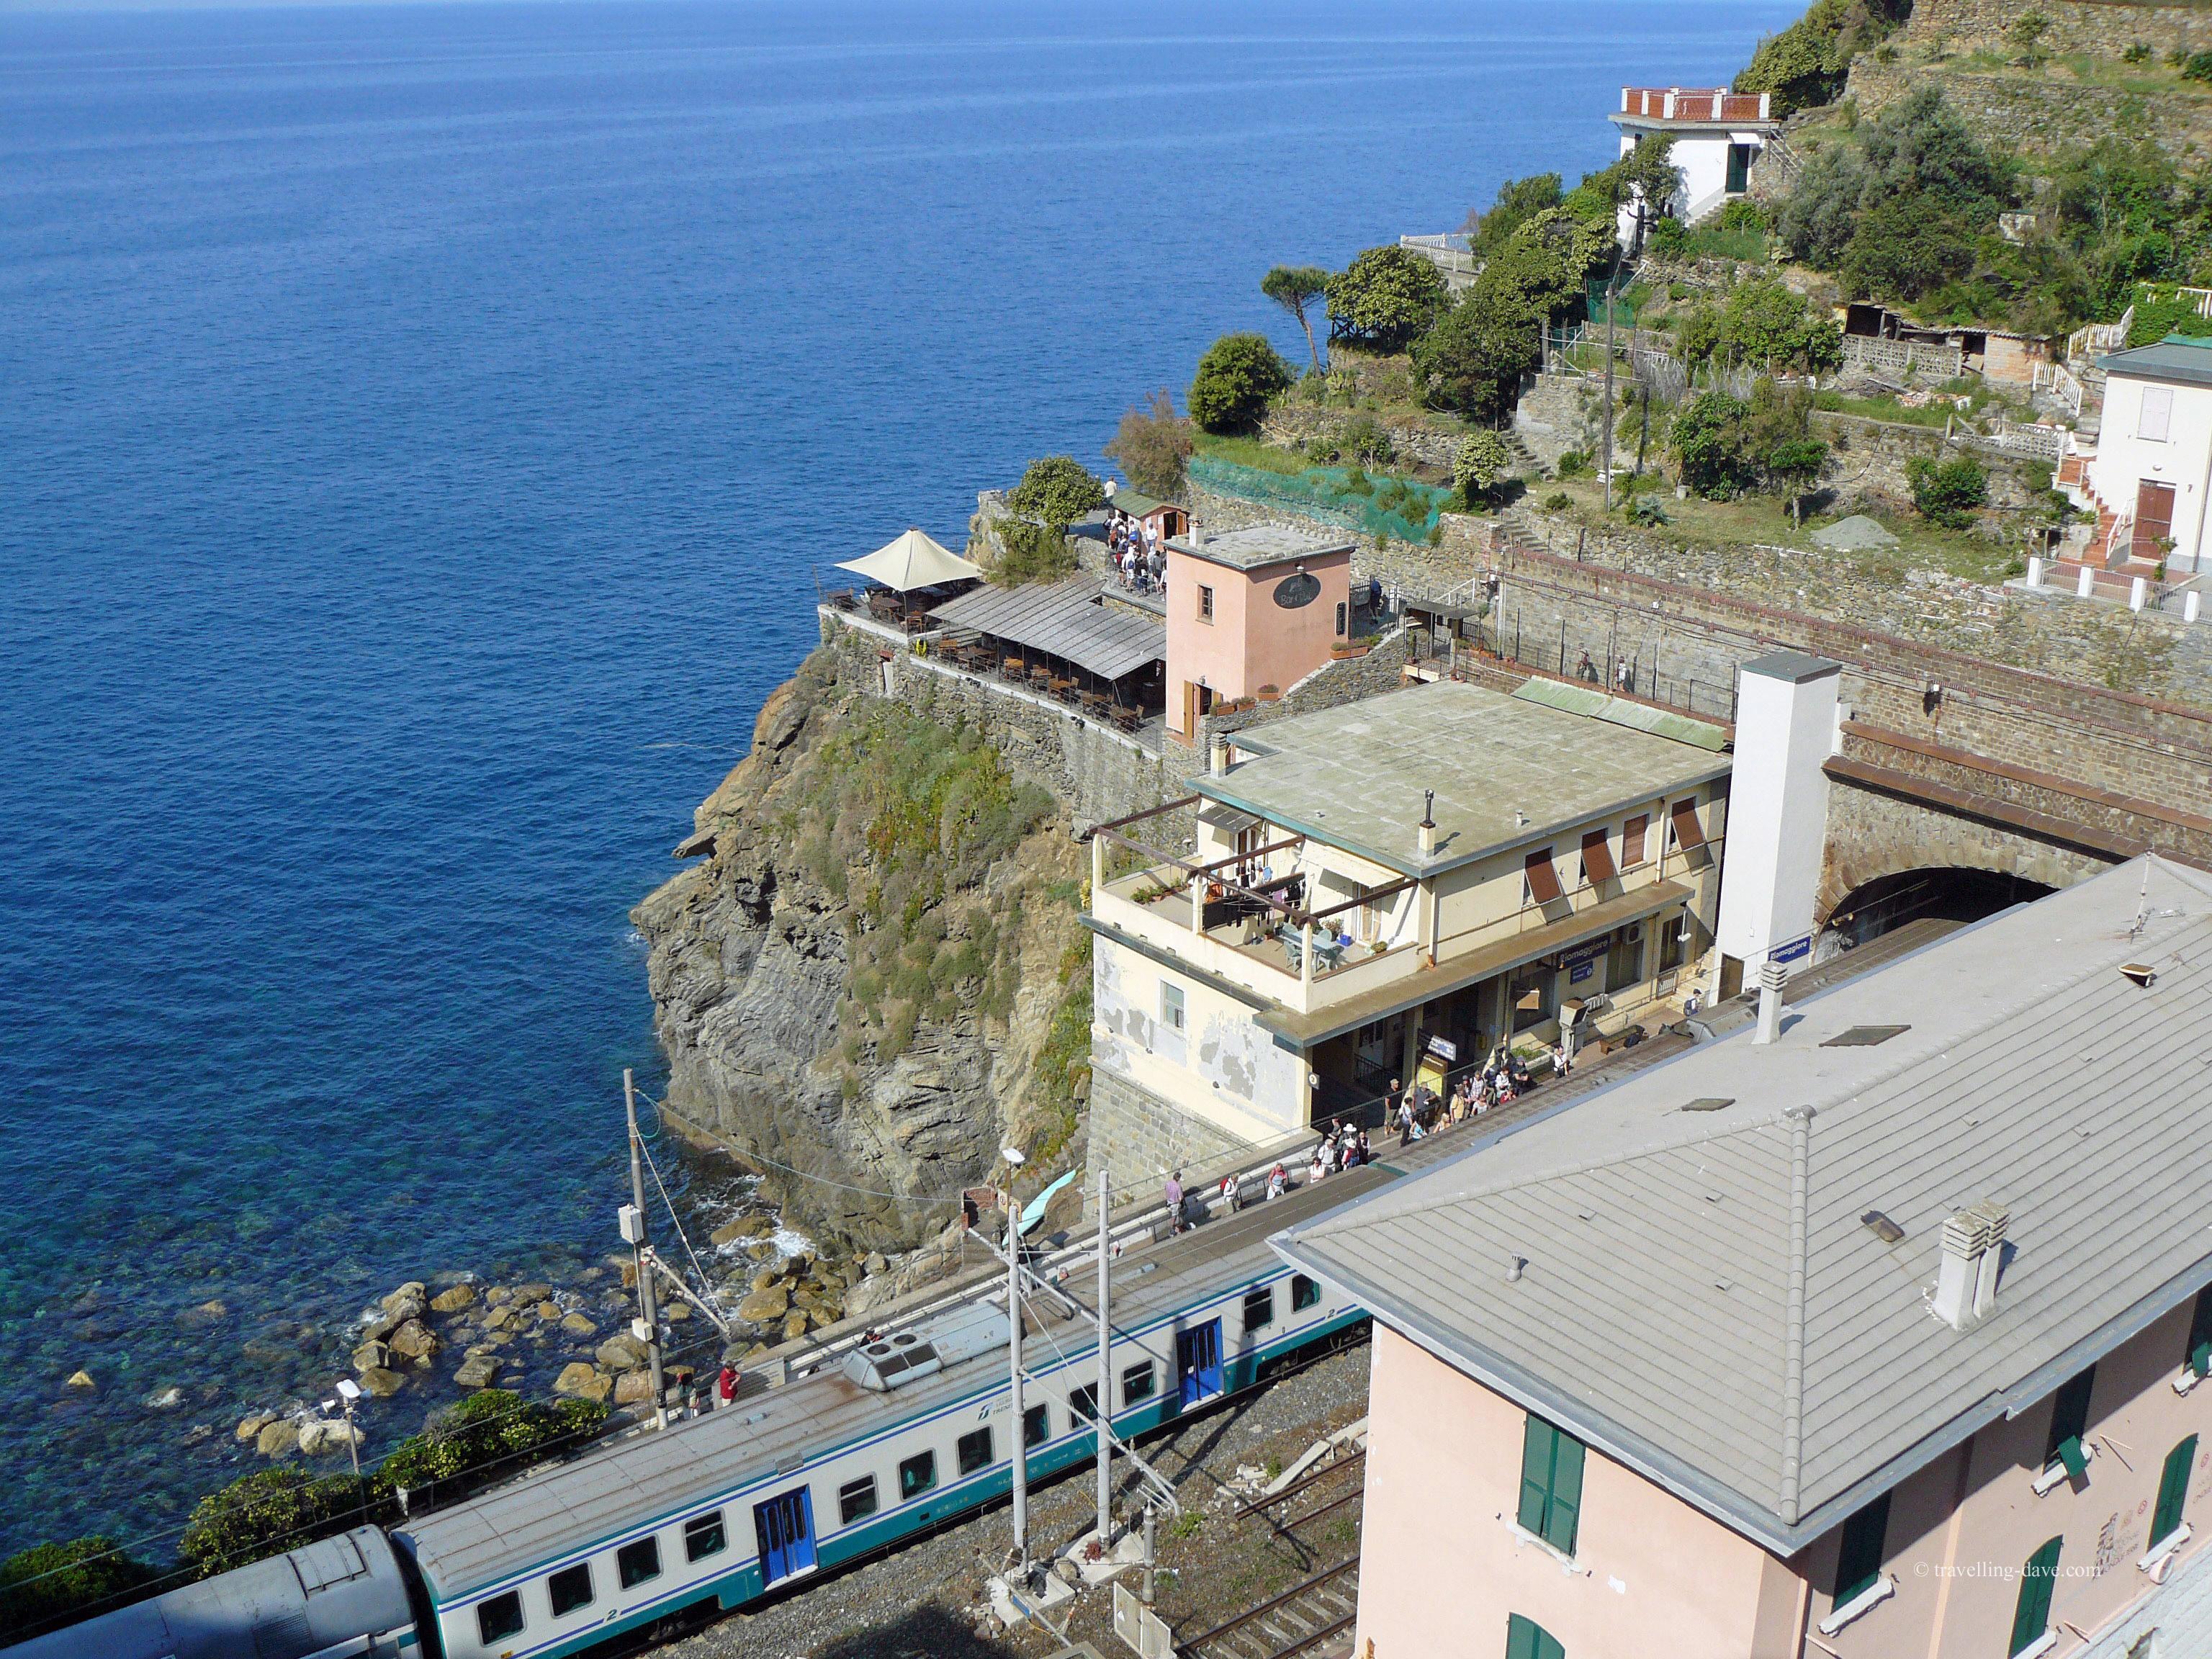 Train at Riomaggiore station